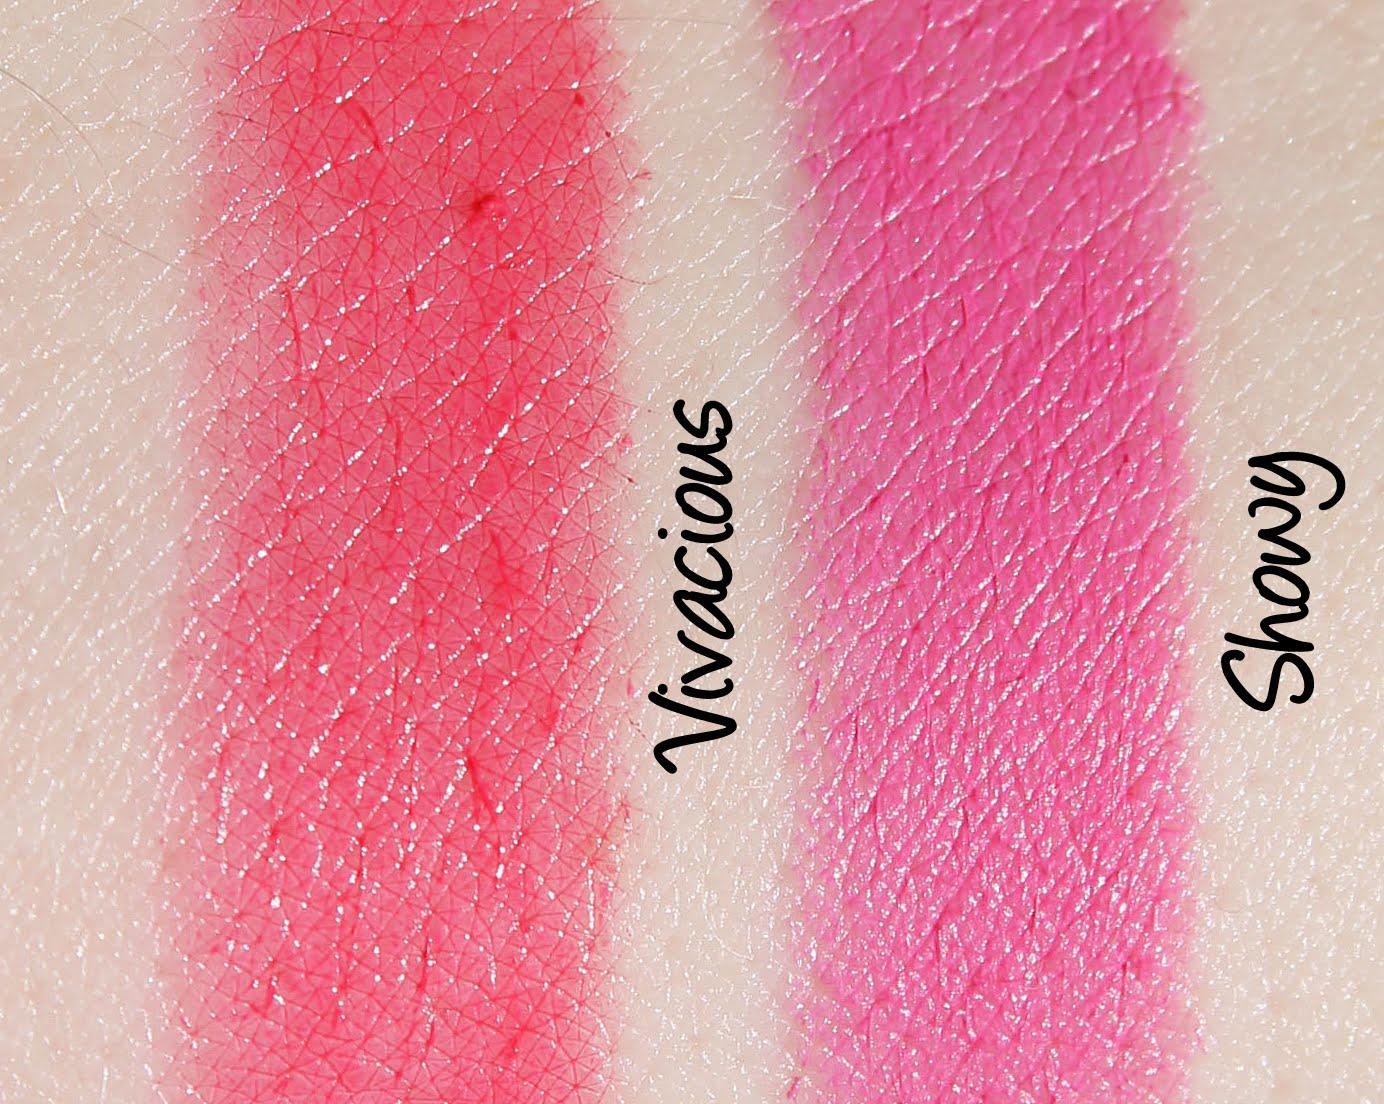 Revlon Colorburst Lacquer Balm - Vivacious/Colorburst Matte Balm - Showy Swatches & Review